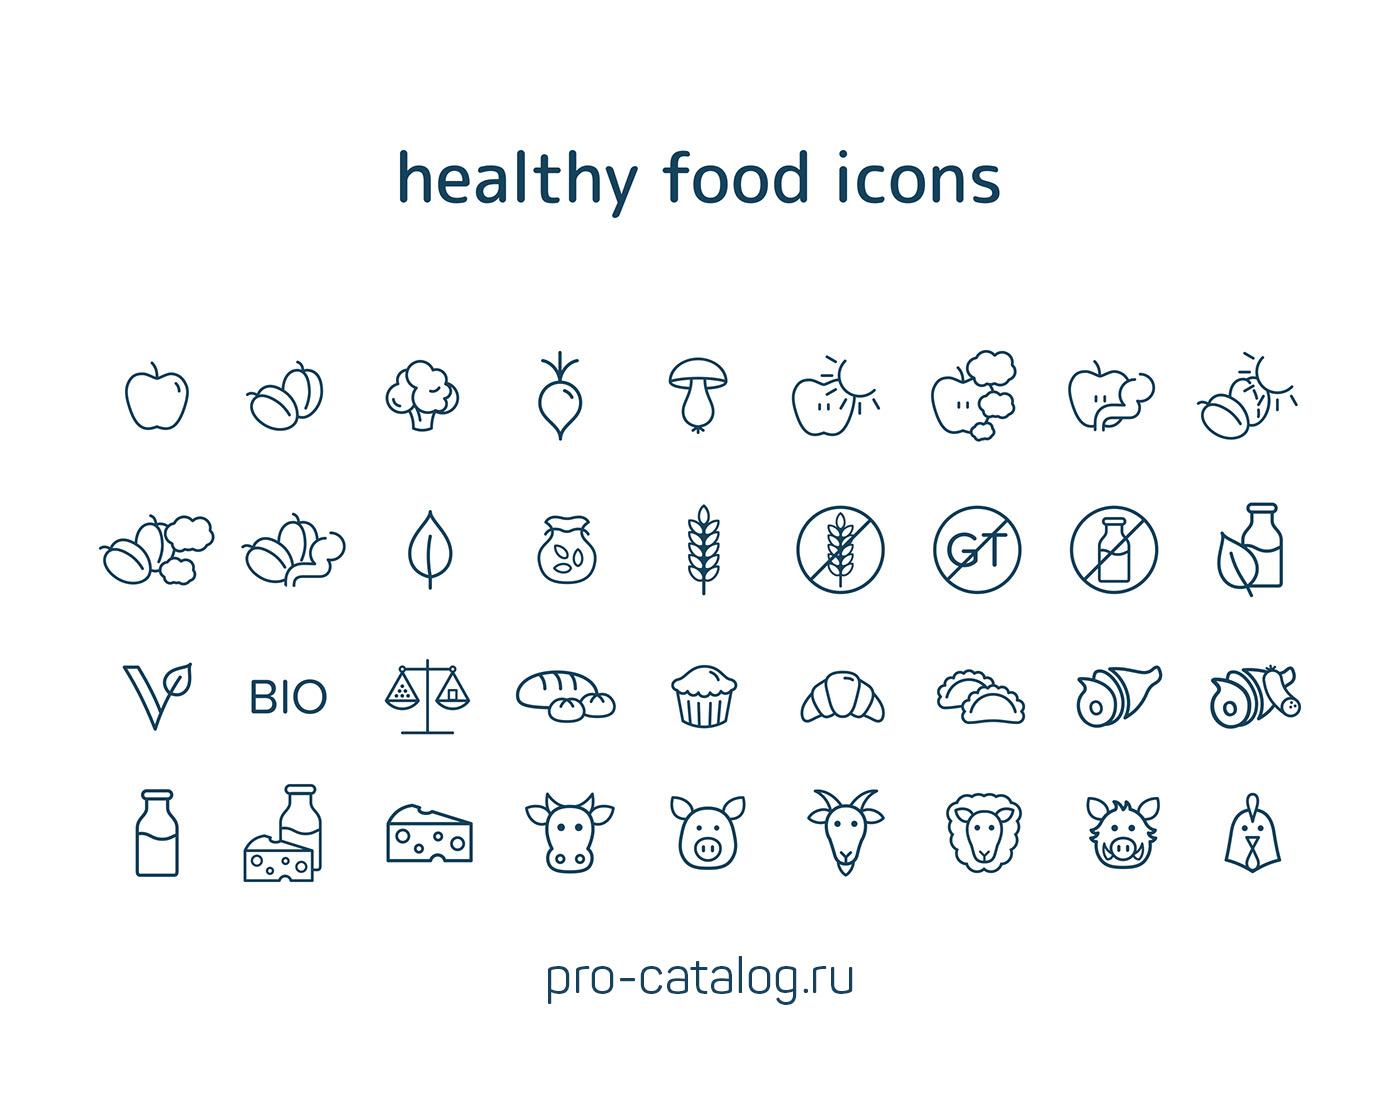 Free Healthy Food Icons скачать бесплатно